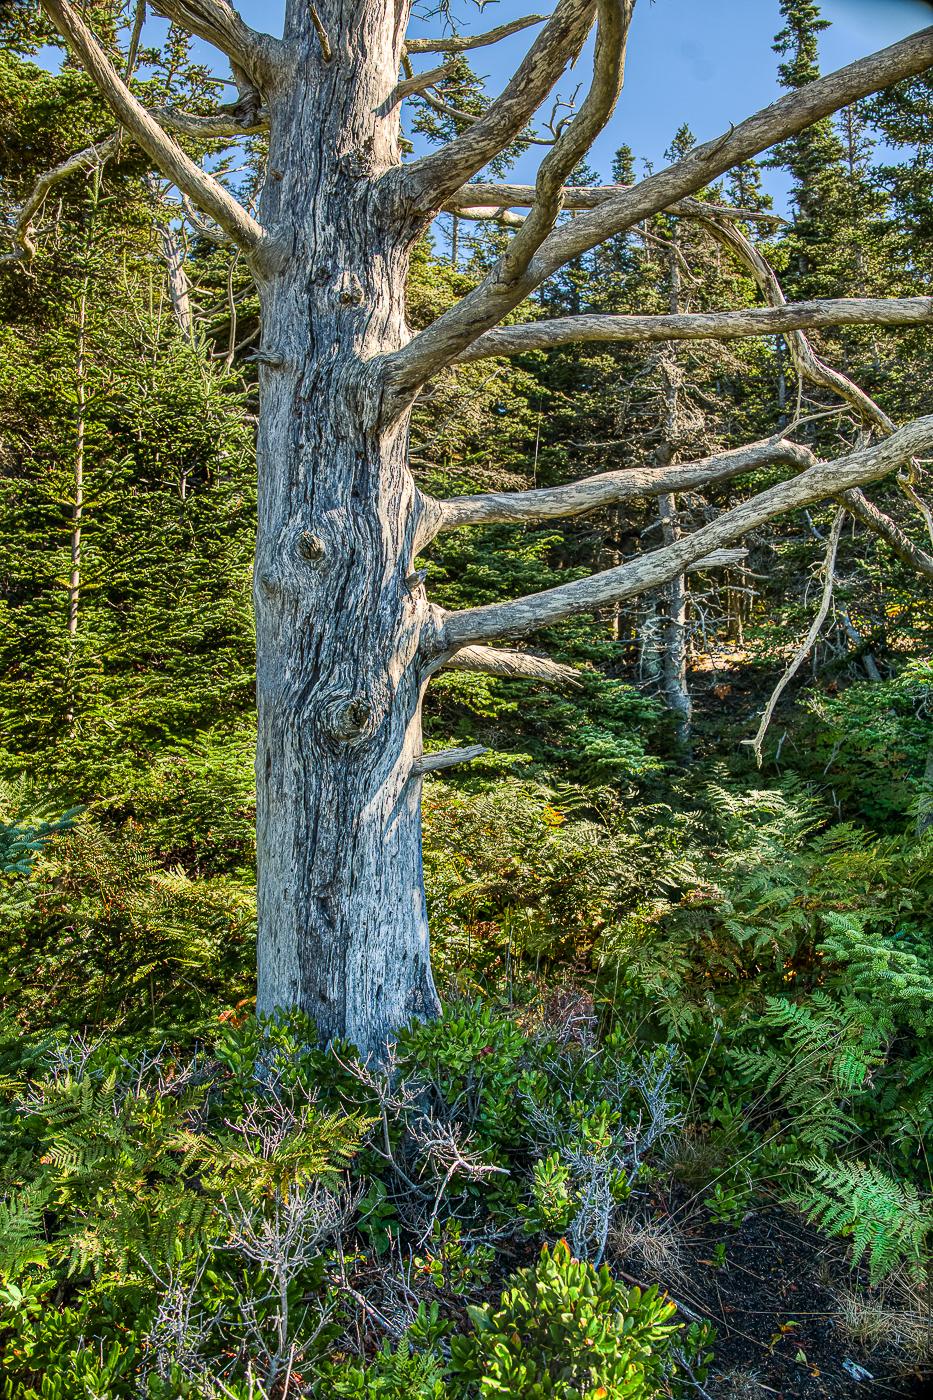 7-Dead-Tree-in-Ferns-Schoodic-Point-Maine